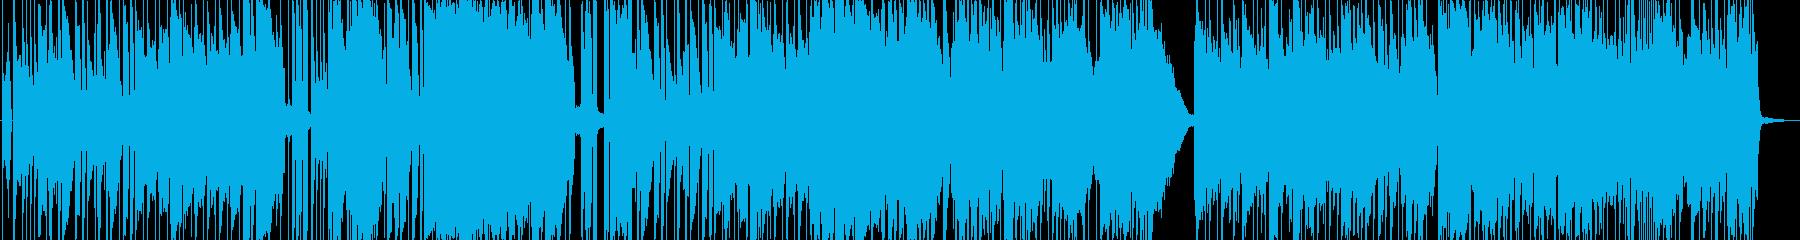 法人 センチメンタル 技術的な 環...の再生済みの波形